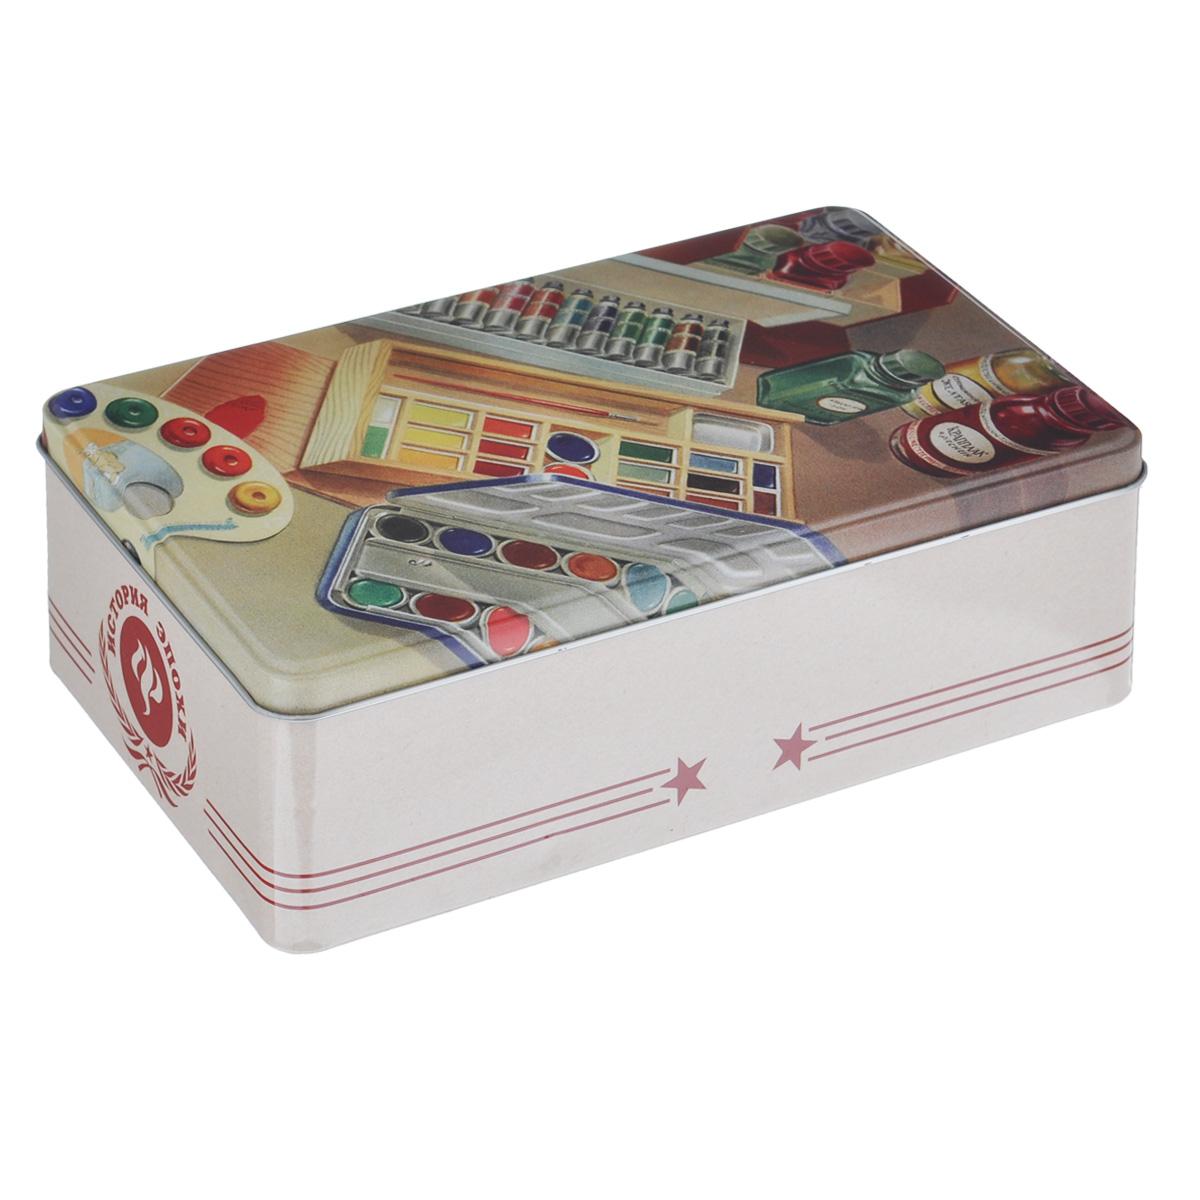 Коробка для хранения Феникс-презент Краски, 20 х 13 х 6,5 см37669Коробка для хранения Феникс-презент Краски, выполненная из металла, декорирована изображением различных красок для рисования. Внутри коробки имеется одно вместительное отделение. Крышка изделия открывается с помощью откидного механизма. Коробка для хранения Феникс-презент Краски станет оригинальным украшением интерьера и позволит хранить украшения, бижутерию, а также предметы шитья или рукоделия.